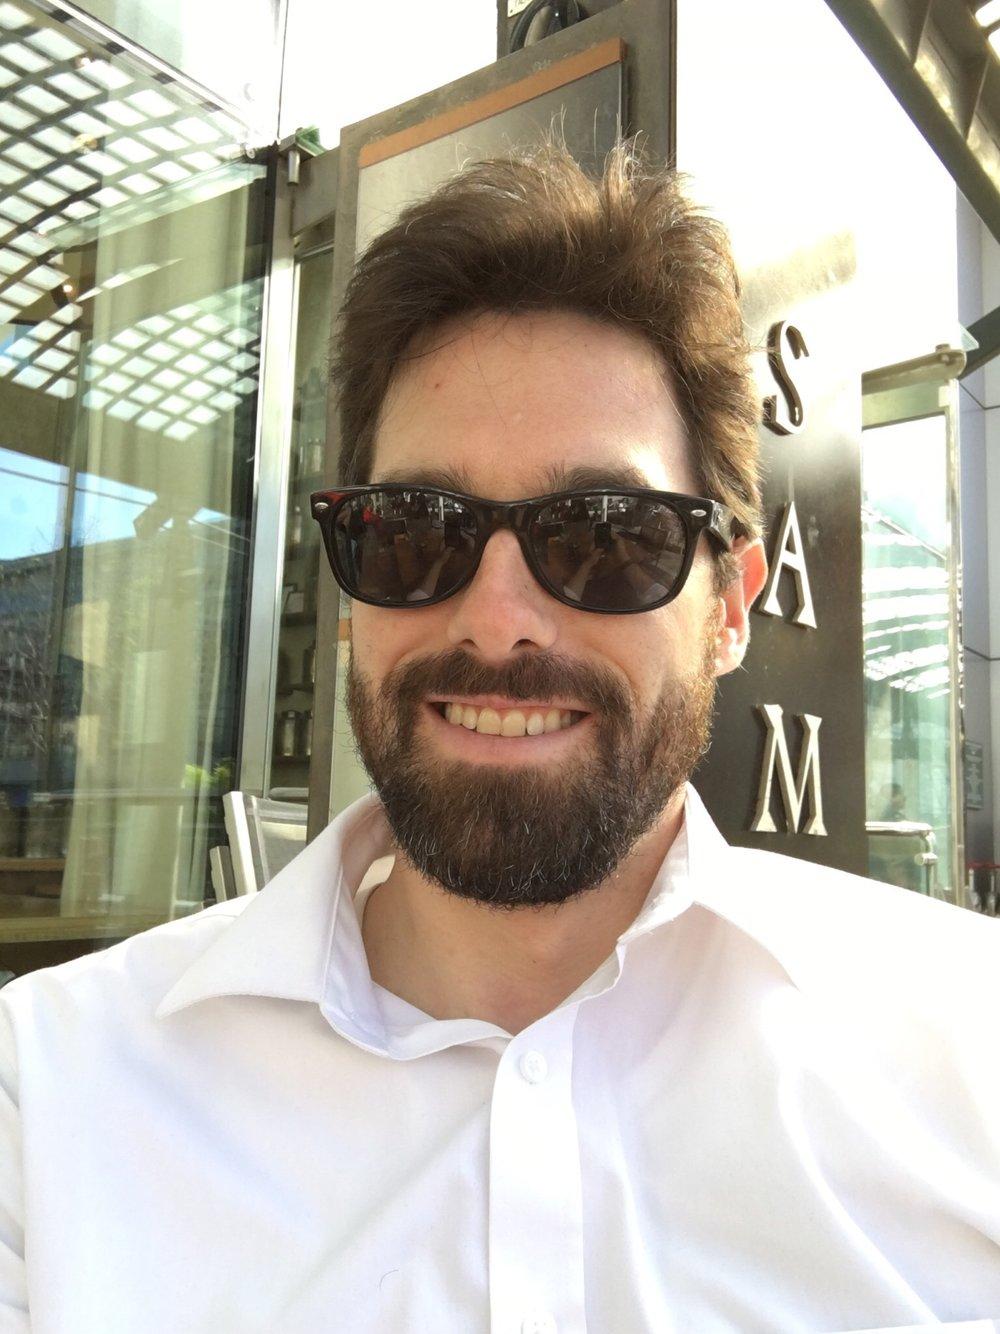 Sam_Weiss_Evans - Sam Weiss Evans.JPG